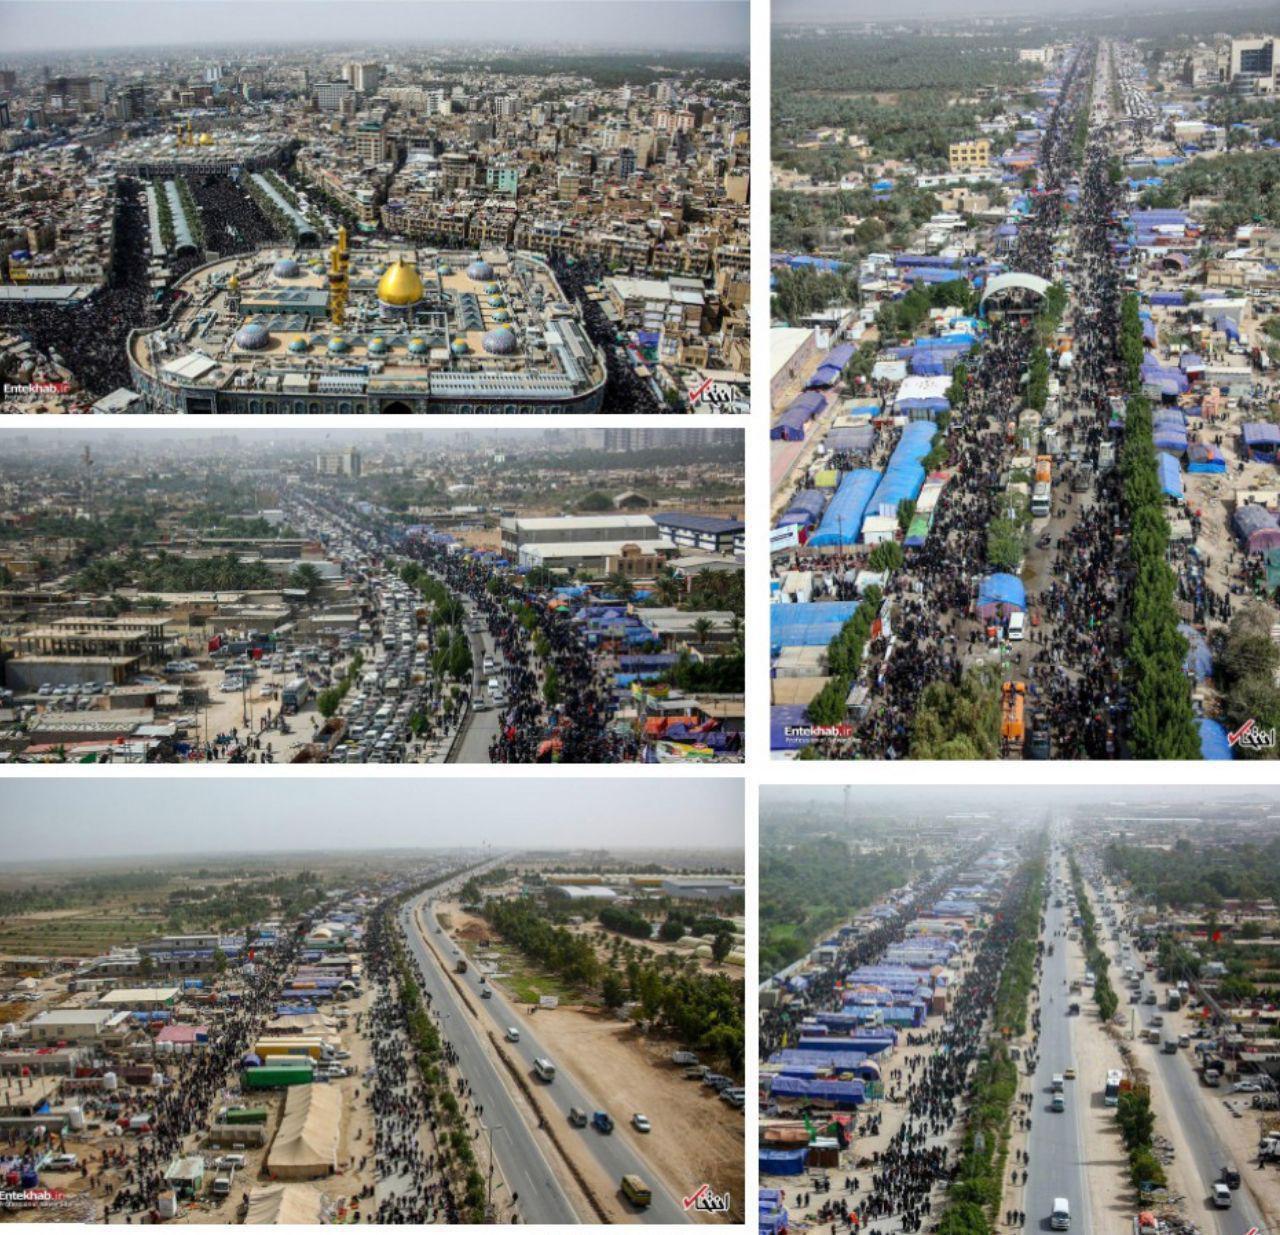 تصویر هوایی از کربلای معلی و پیاده روی اربعین حسینی